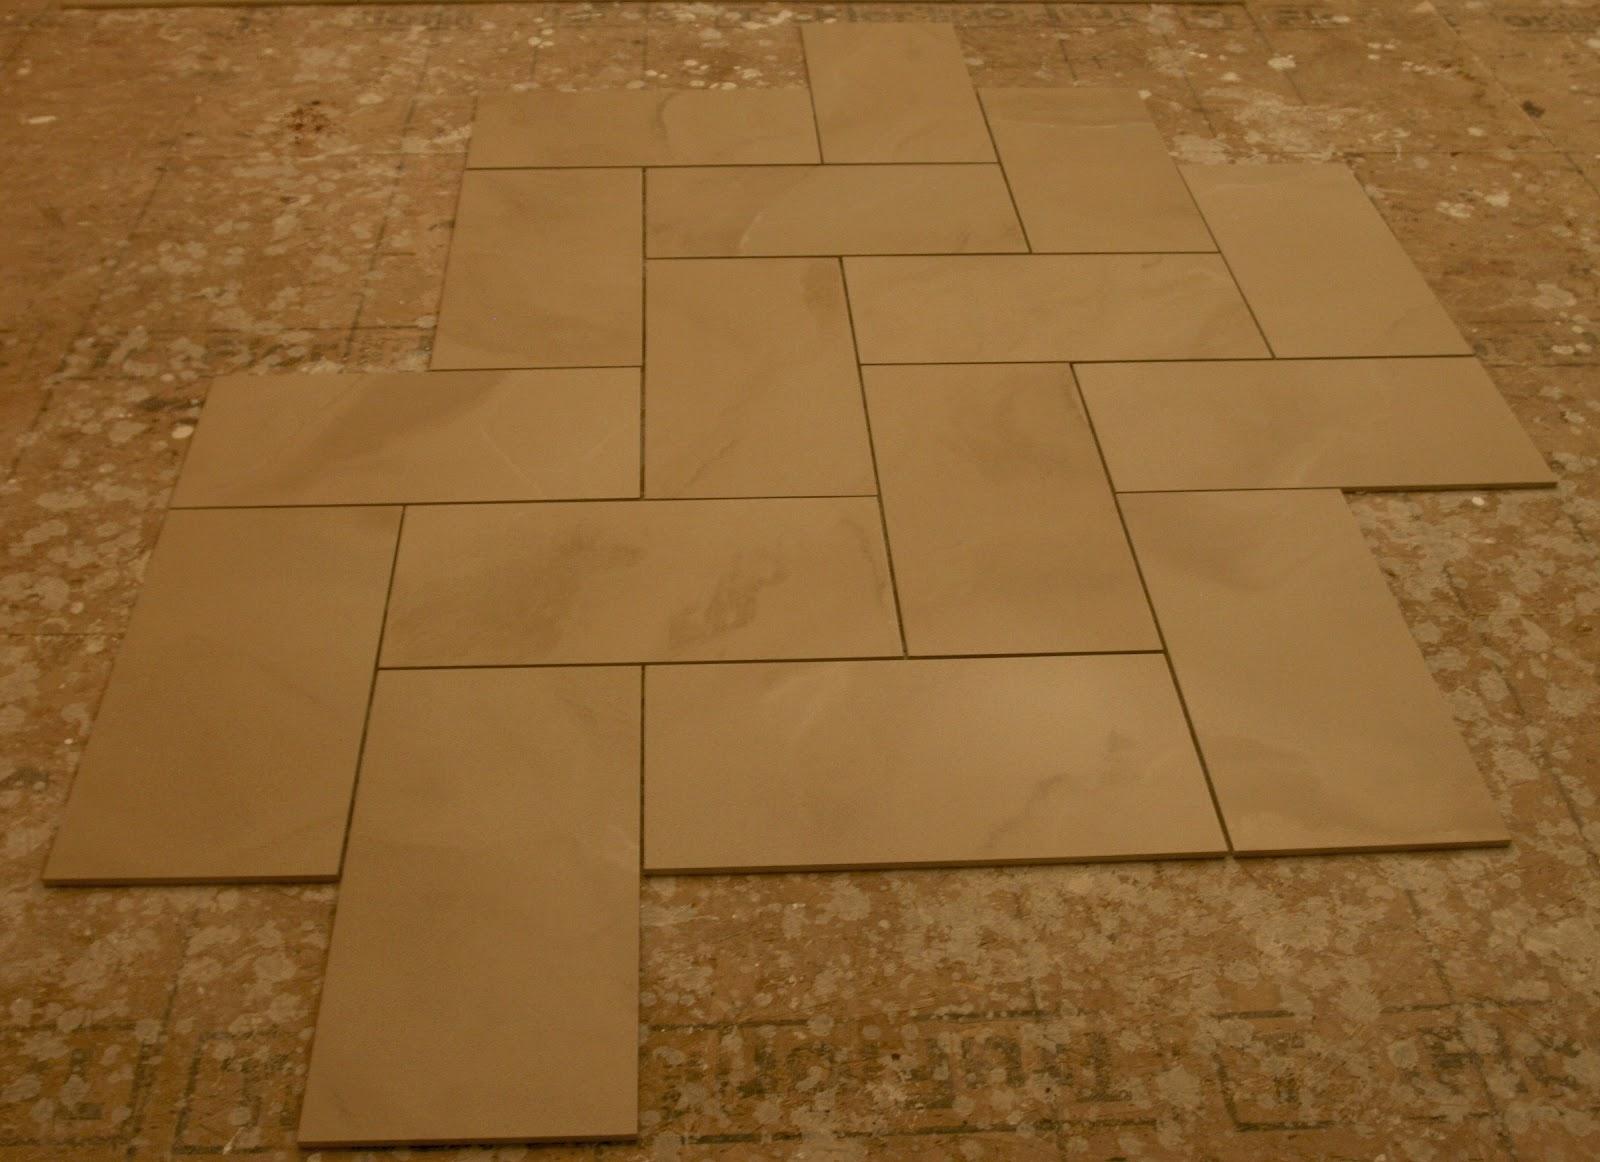 3 Tile Patterns For Floors